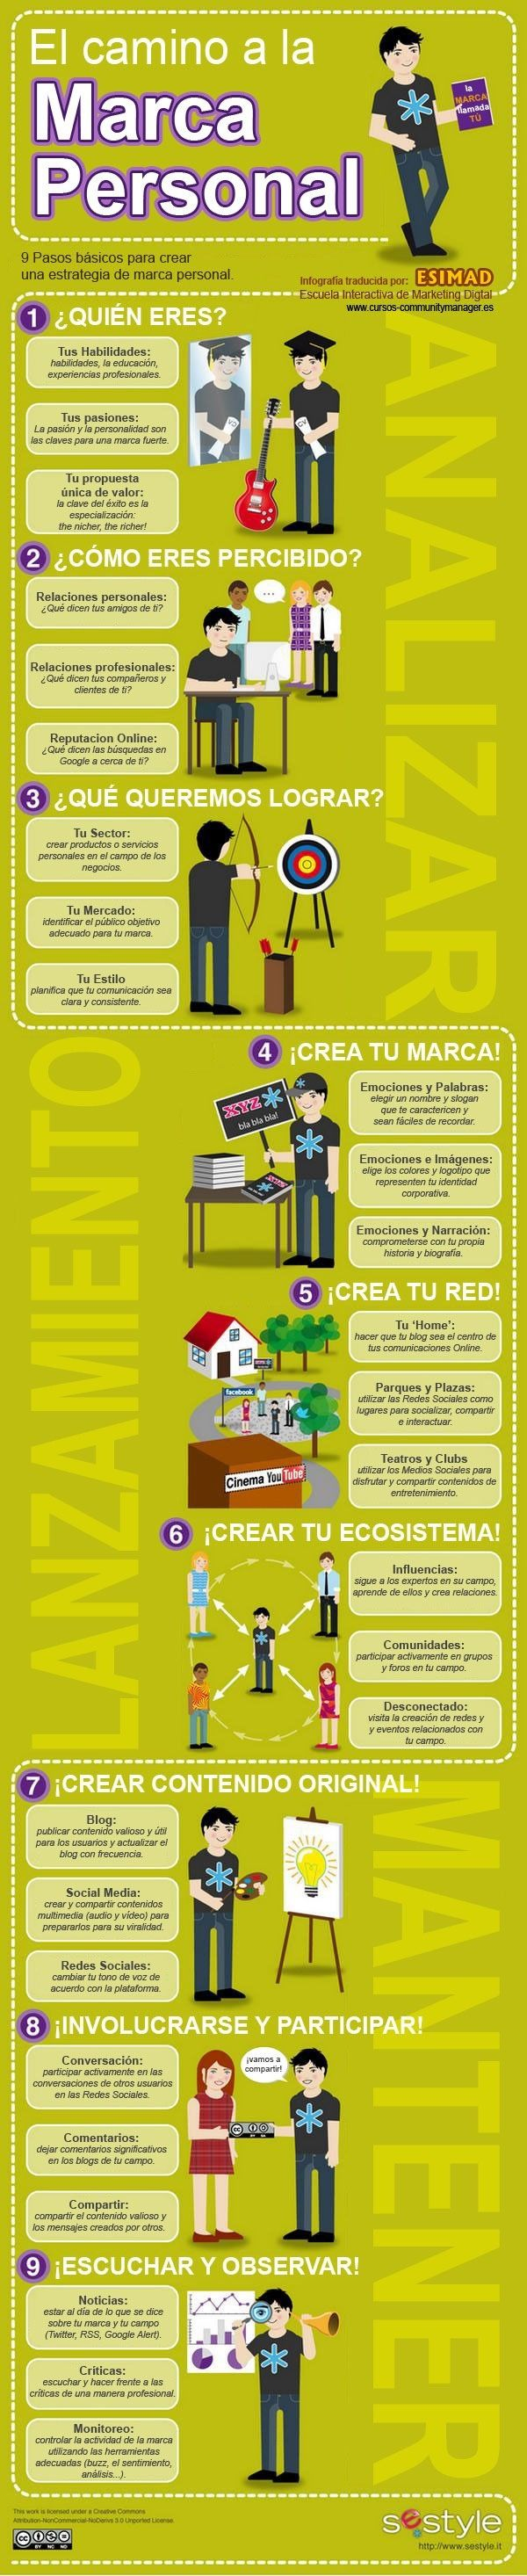 Los 9 pasos #básicos para hacer una #estrategia de #marcapersonal